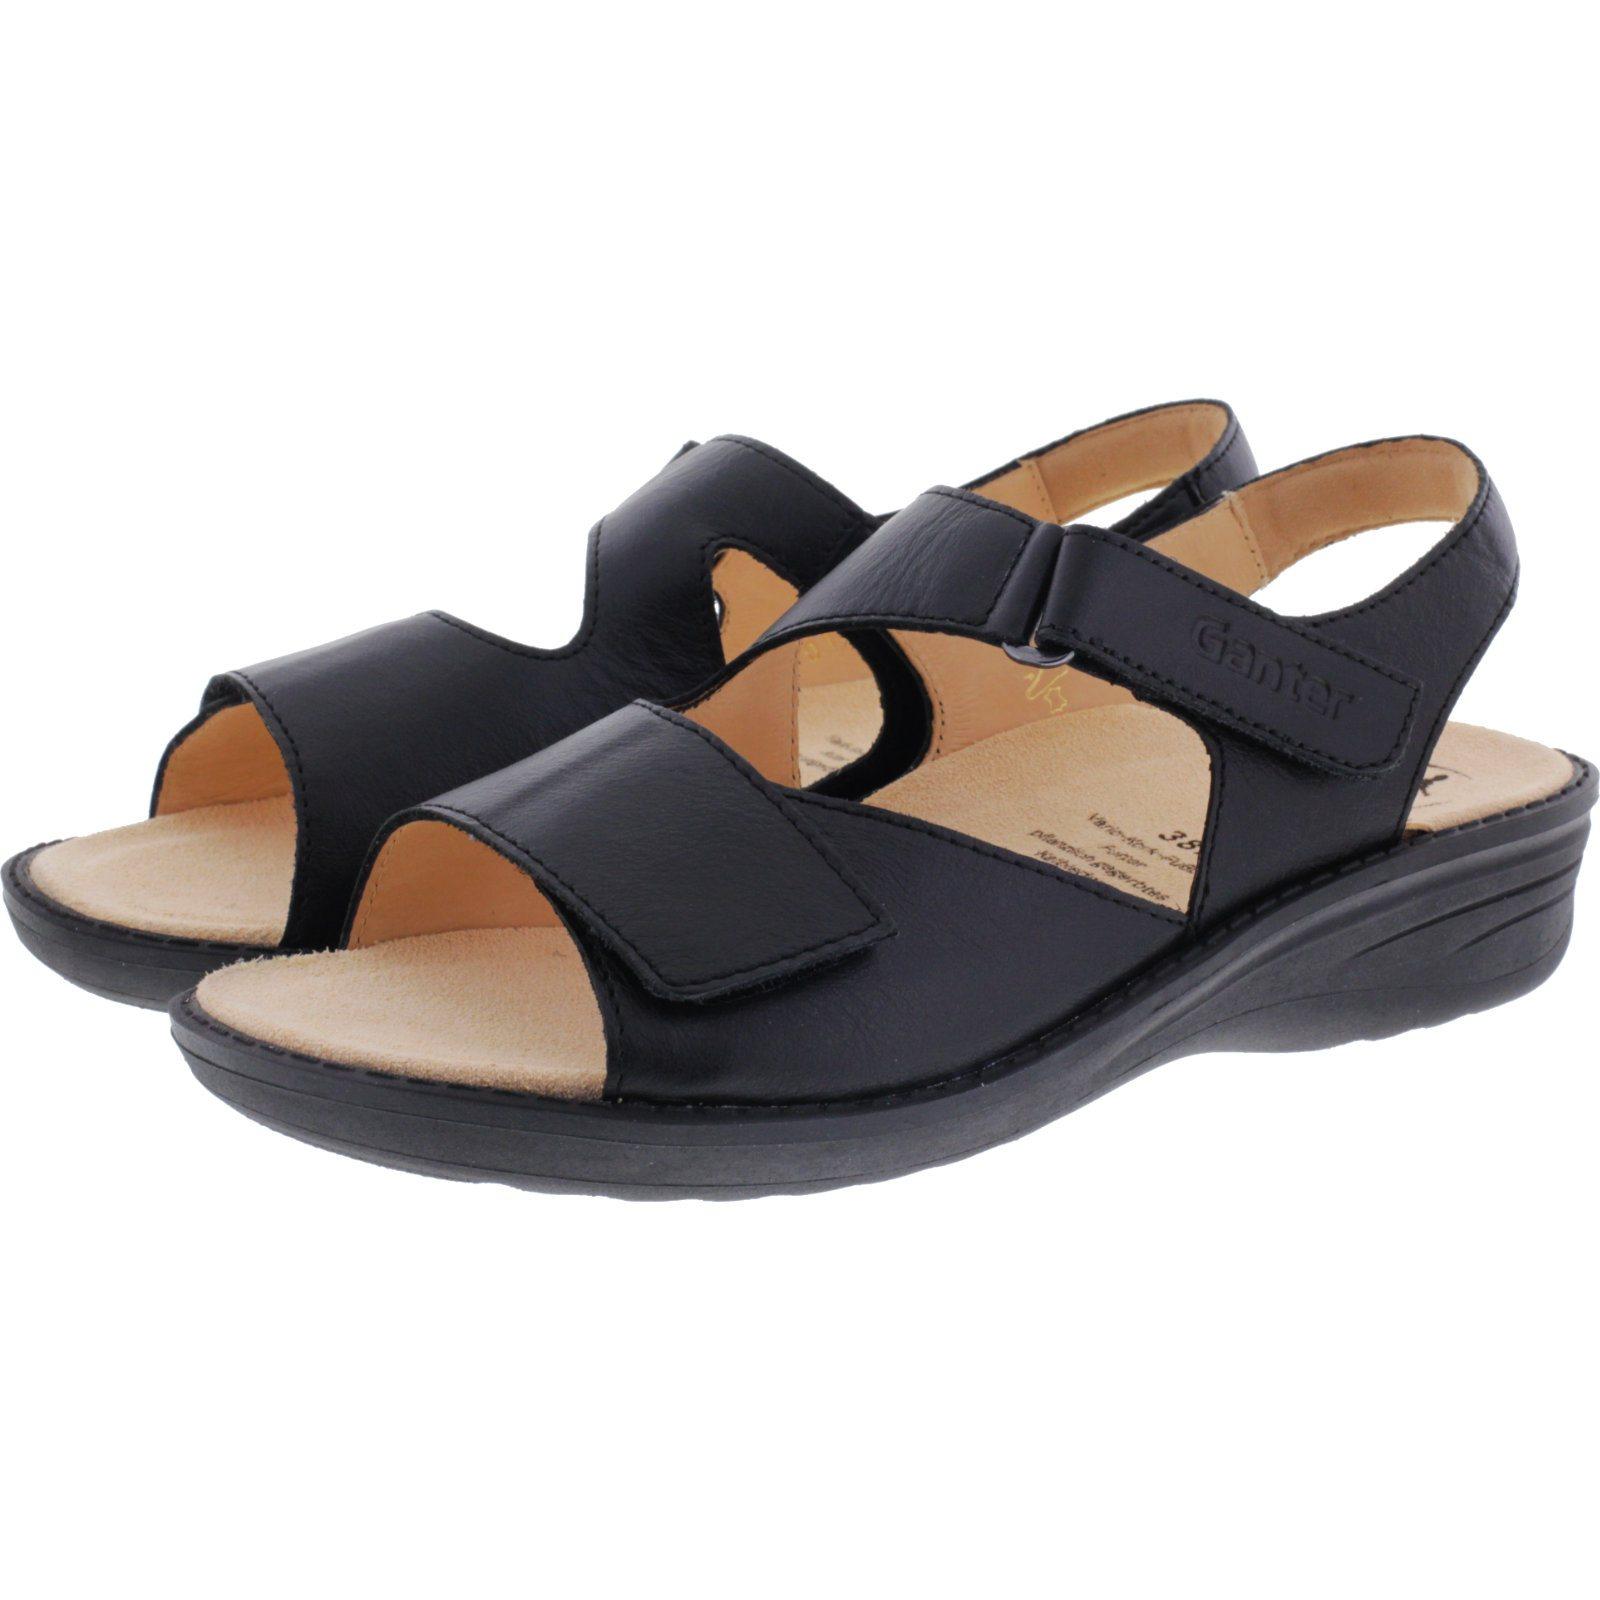 ganter hera schwarz ganter damen sandalen g nstig kaufen. Black Bedroom Furniture Sets. Home Design Ideas